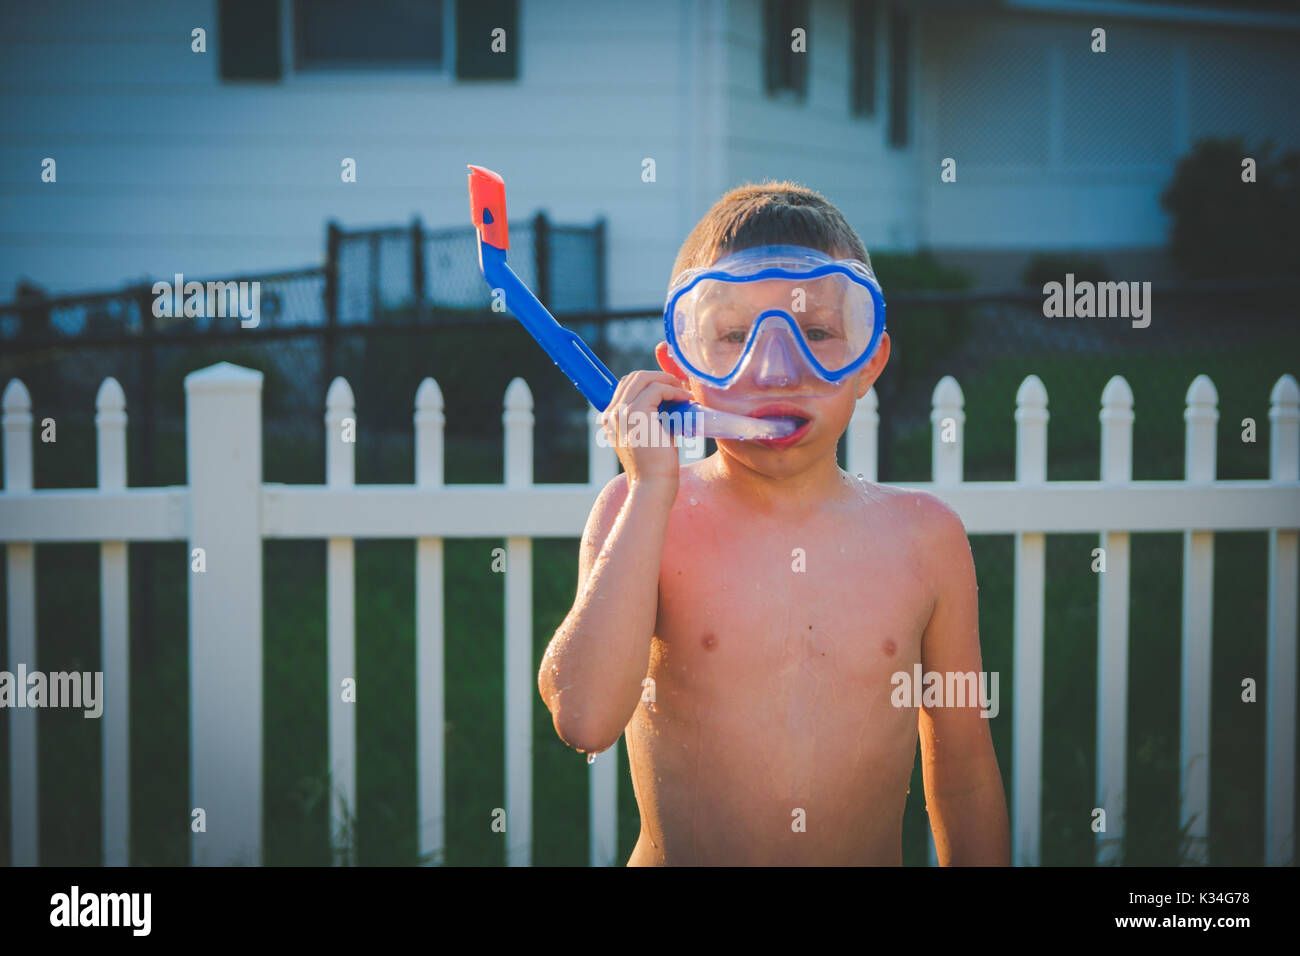 Un niño lleva una máscara de buceo en el jardín durante el verano. Imagen De Stock